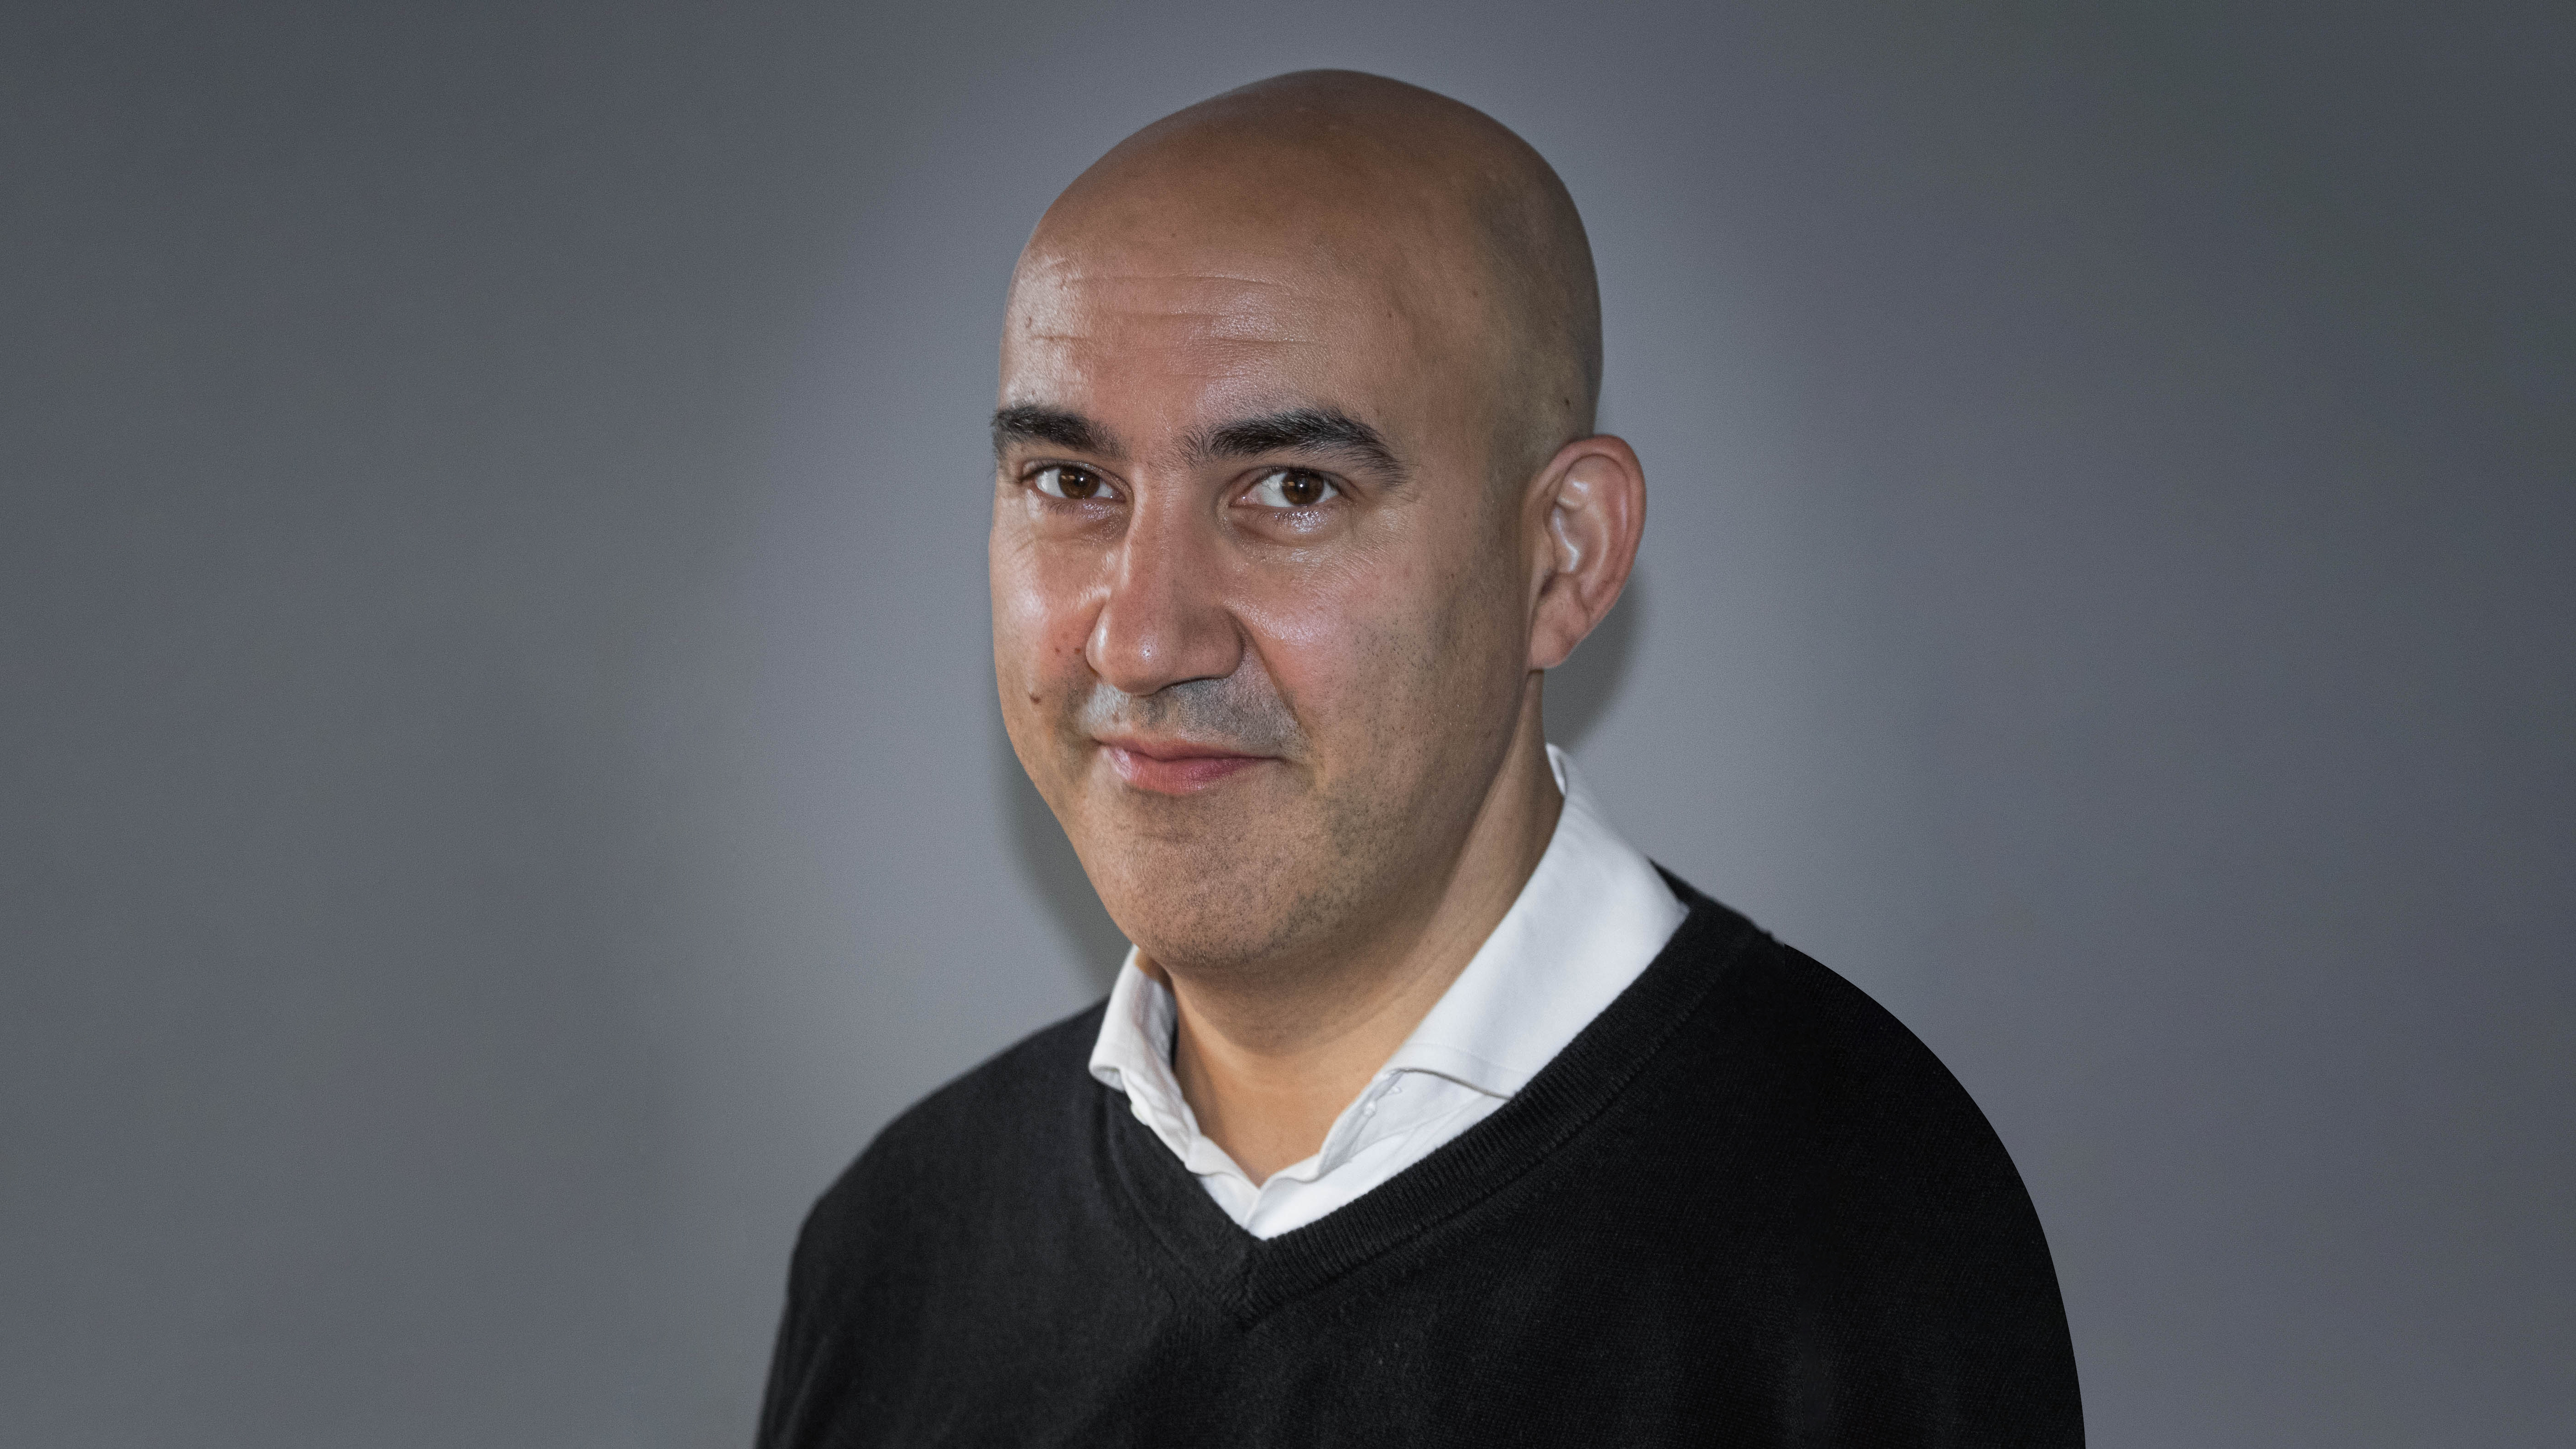 Donato Melillo